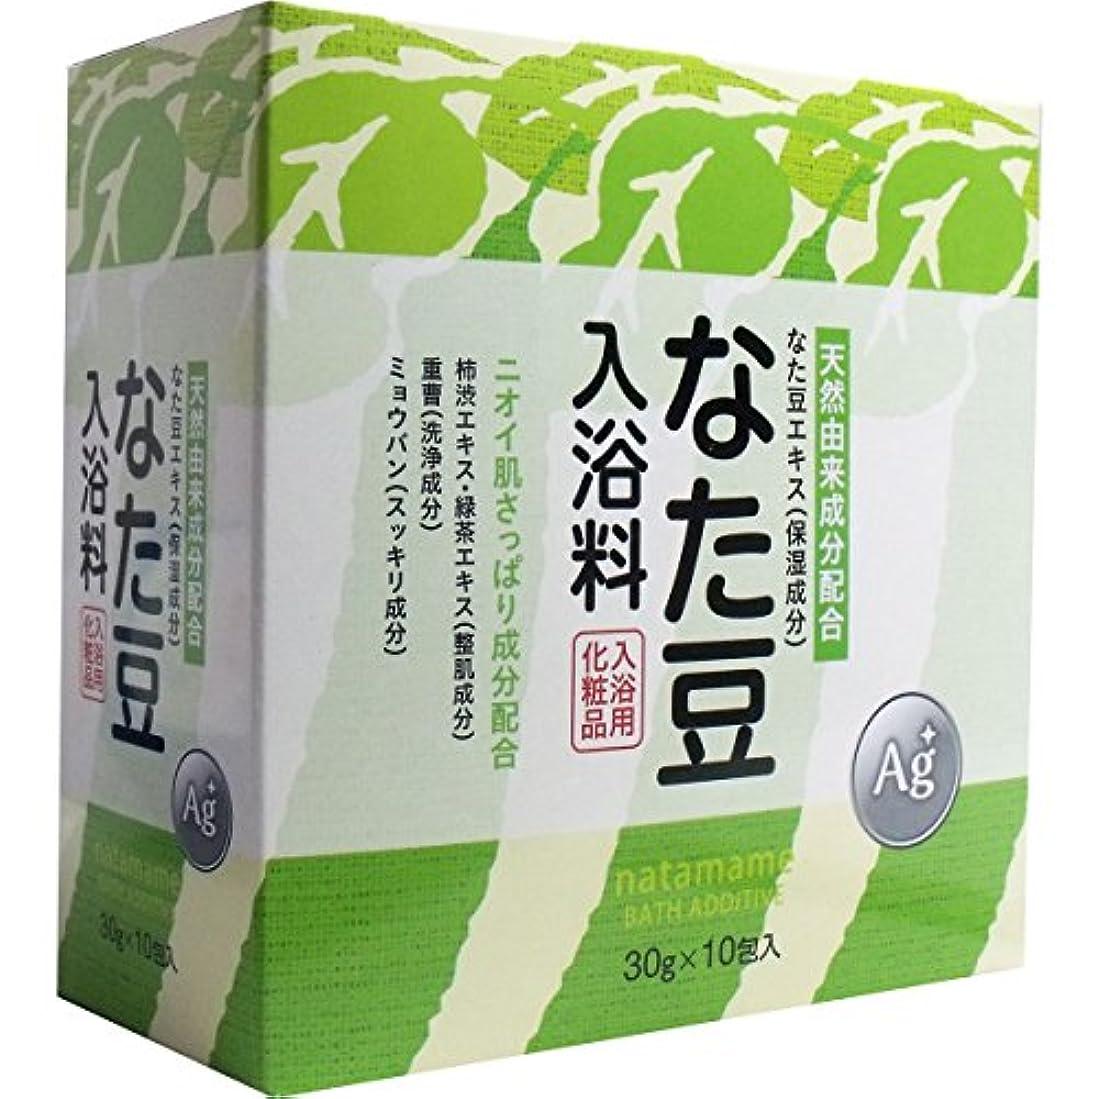 朝血まみれのまろやかな天然由来成分配合 なた豆入浴料 入浴用化粧品 30g×10包入